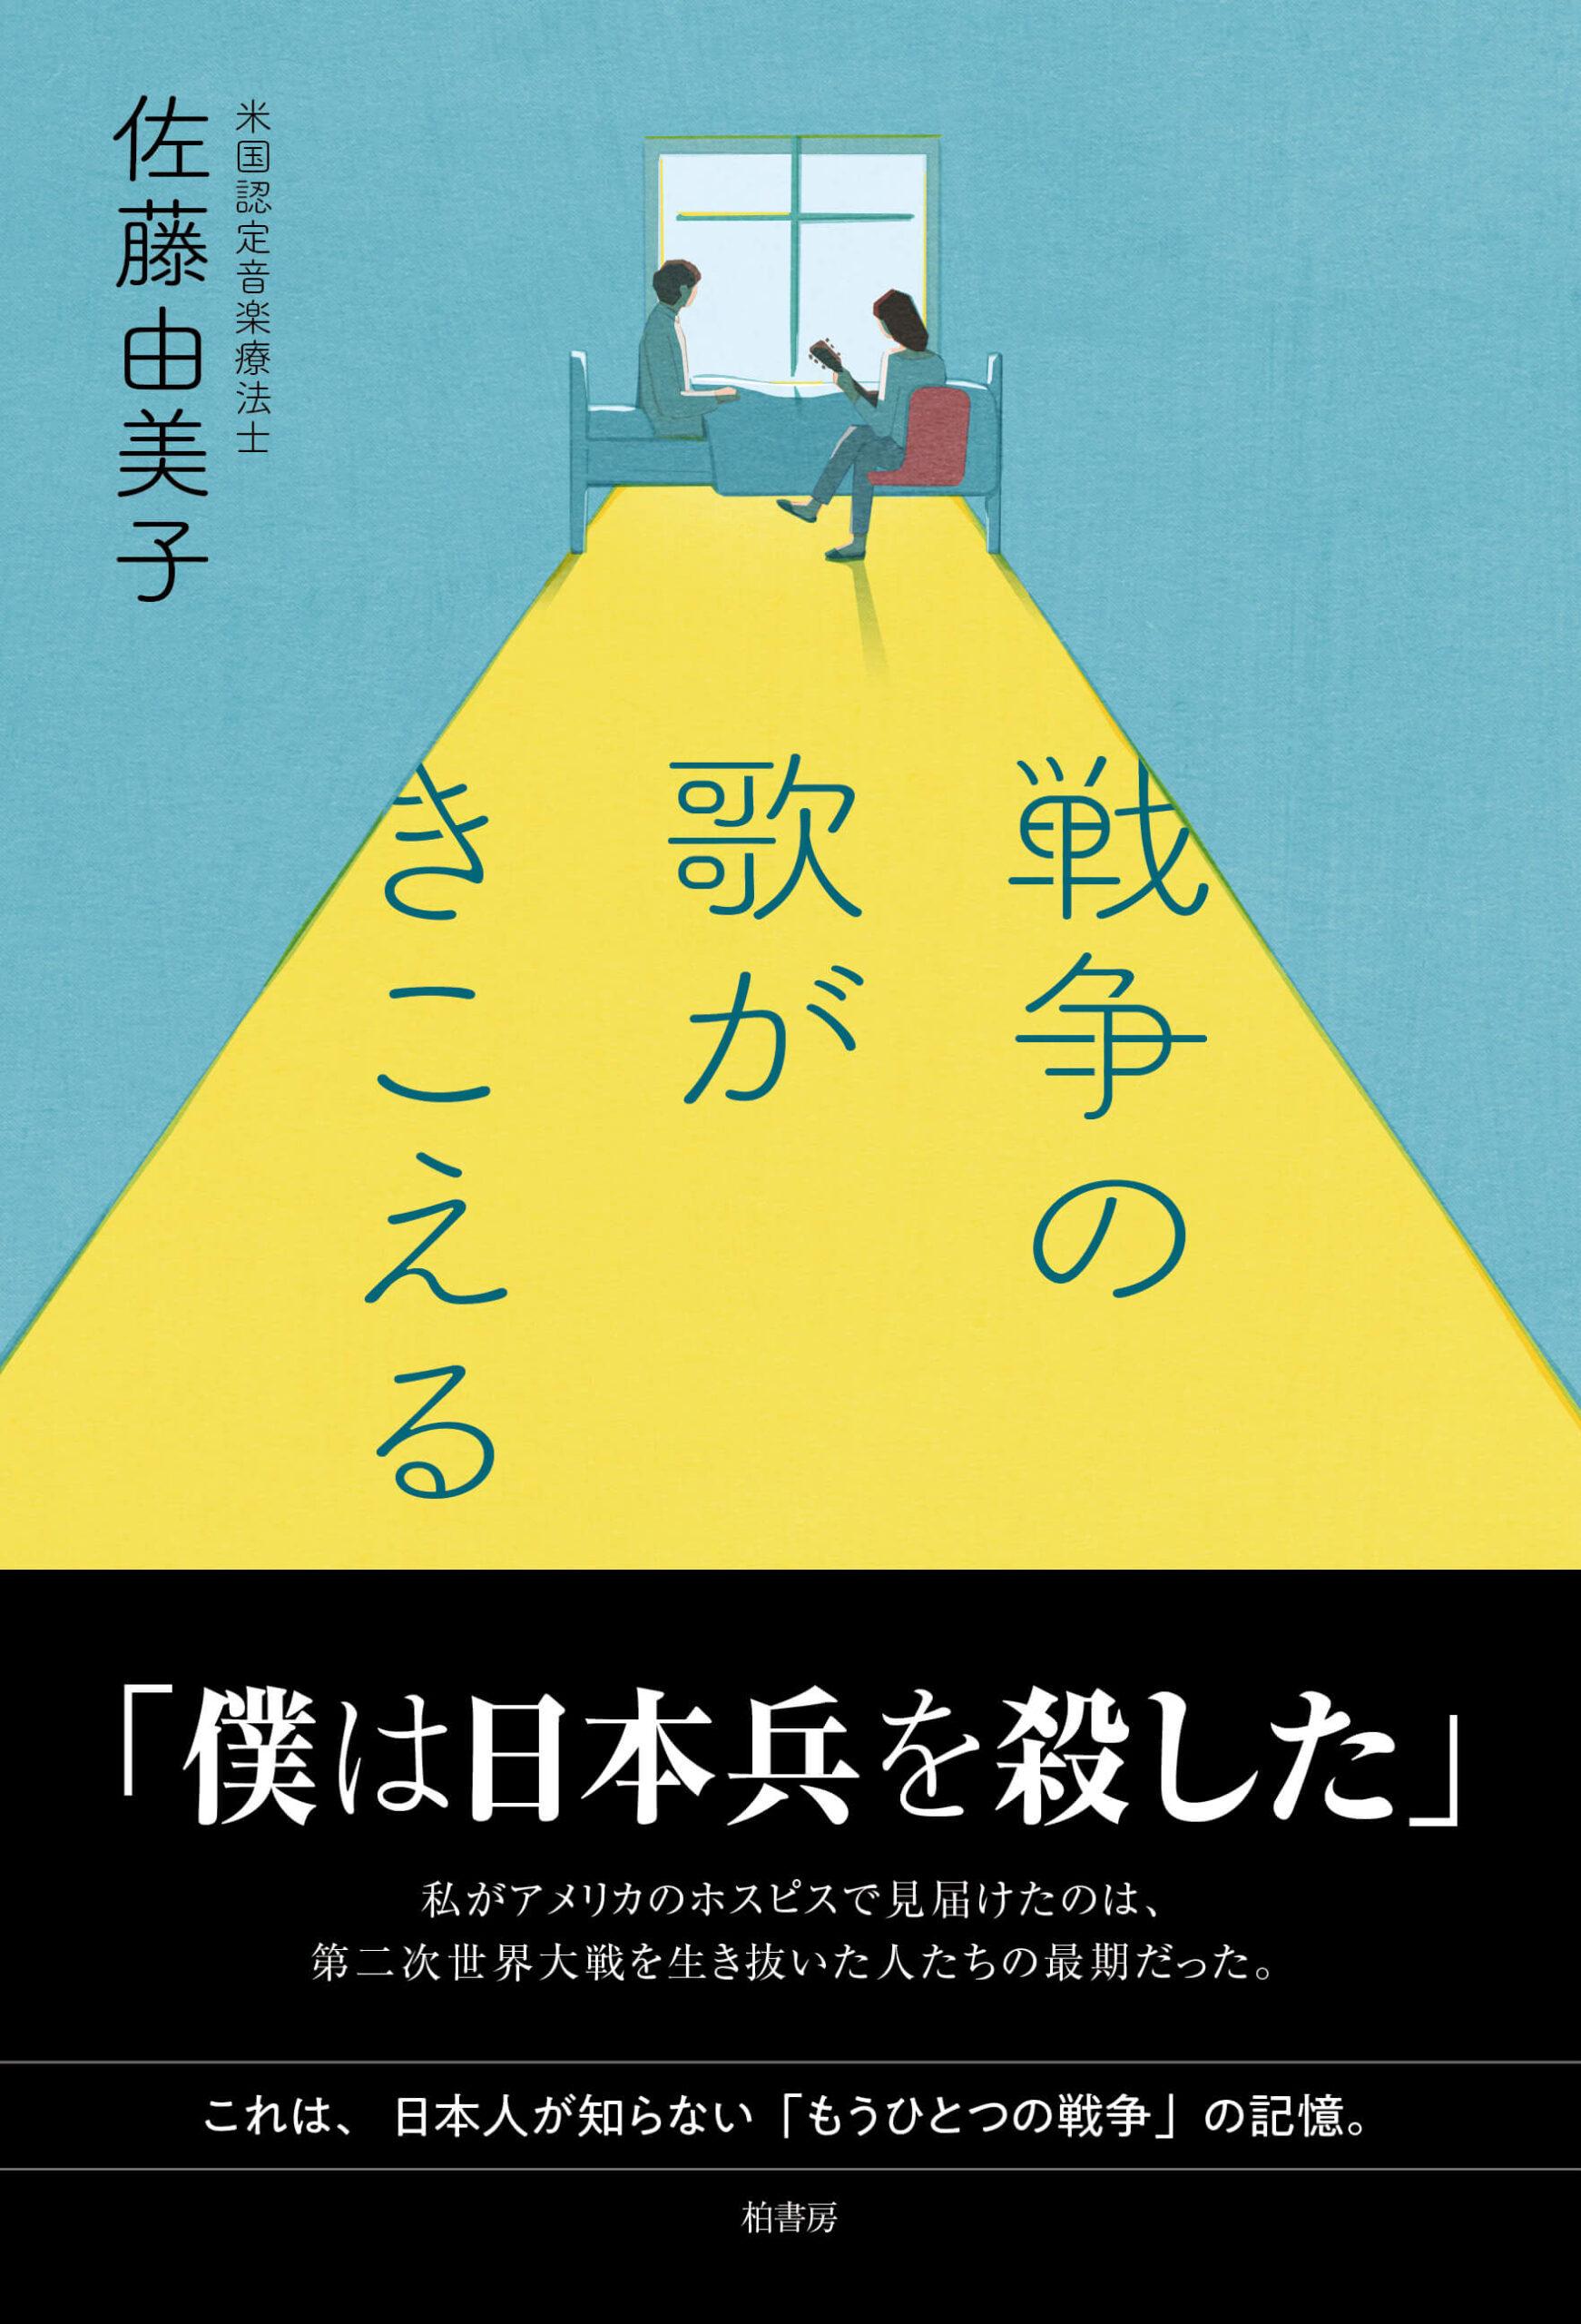 senso_cove-obi_senden-small